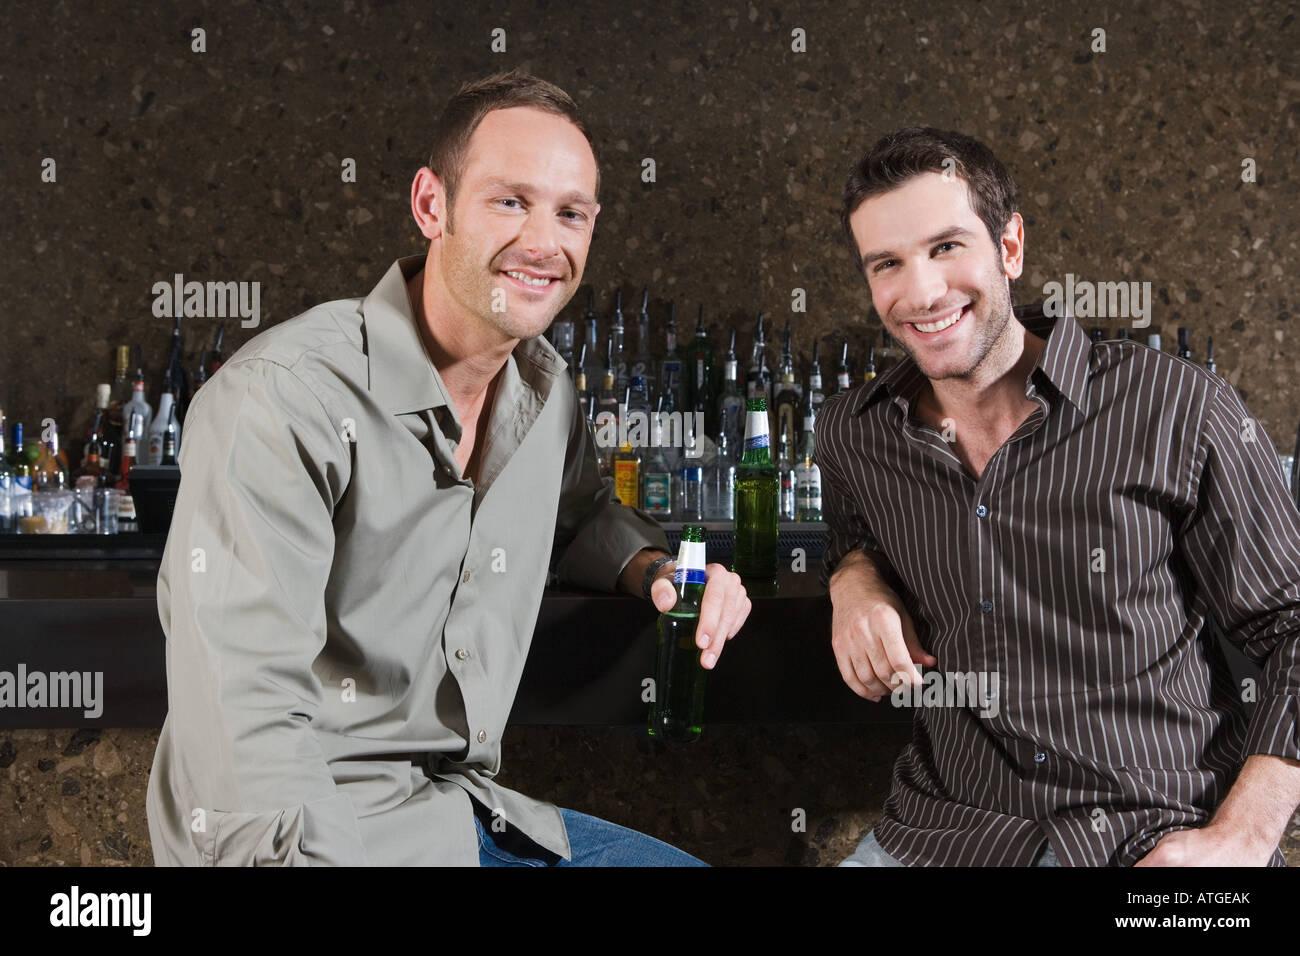 Dos hombres bebiendo en un bar. Foto de stock